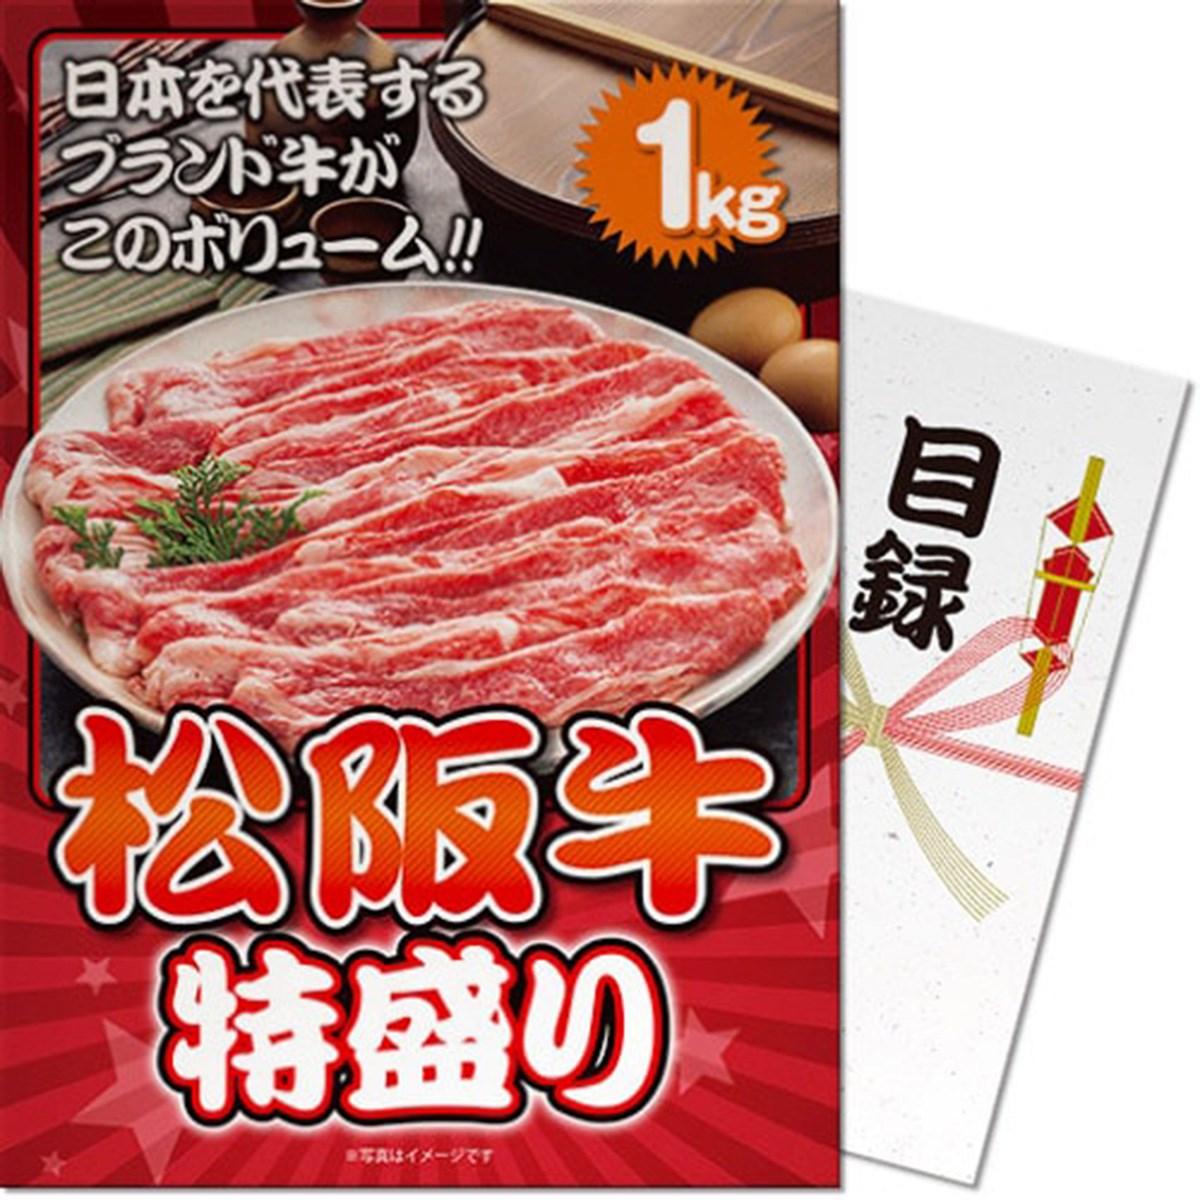 その他メーカー パネもく!松阪牛特盛り1kg 目録 A4パネル付き